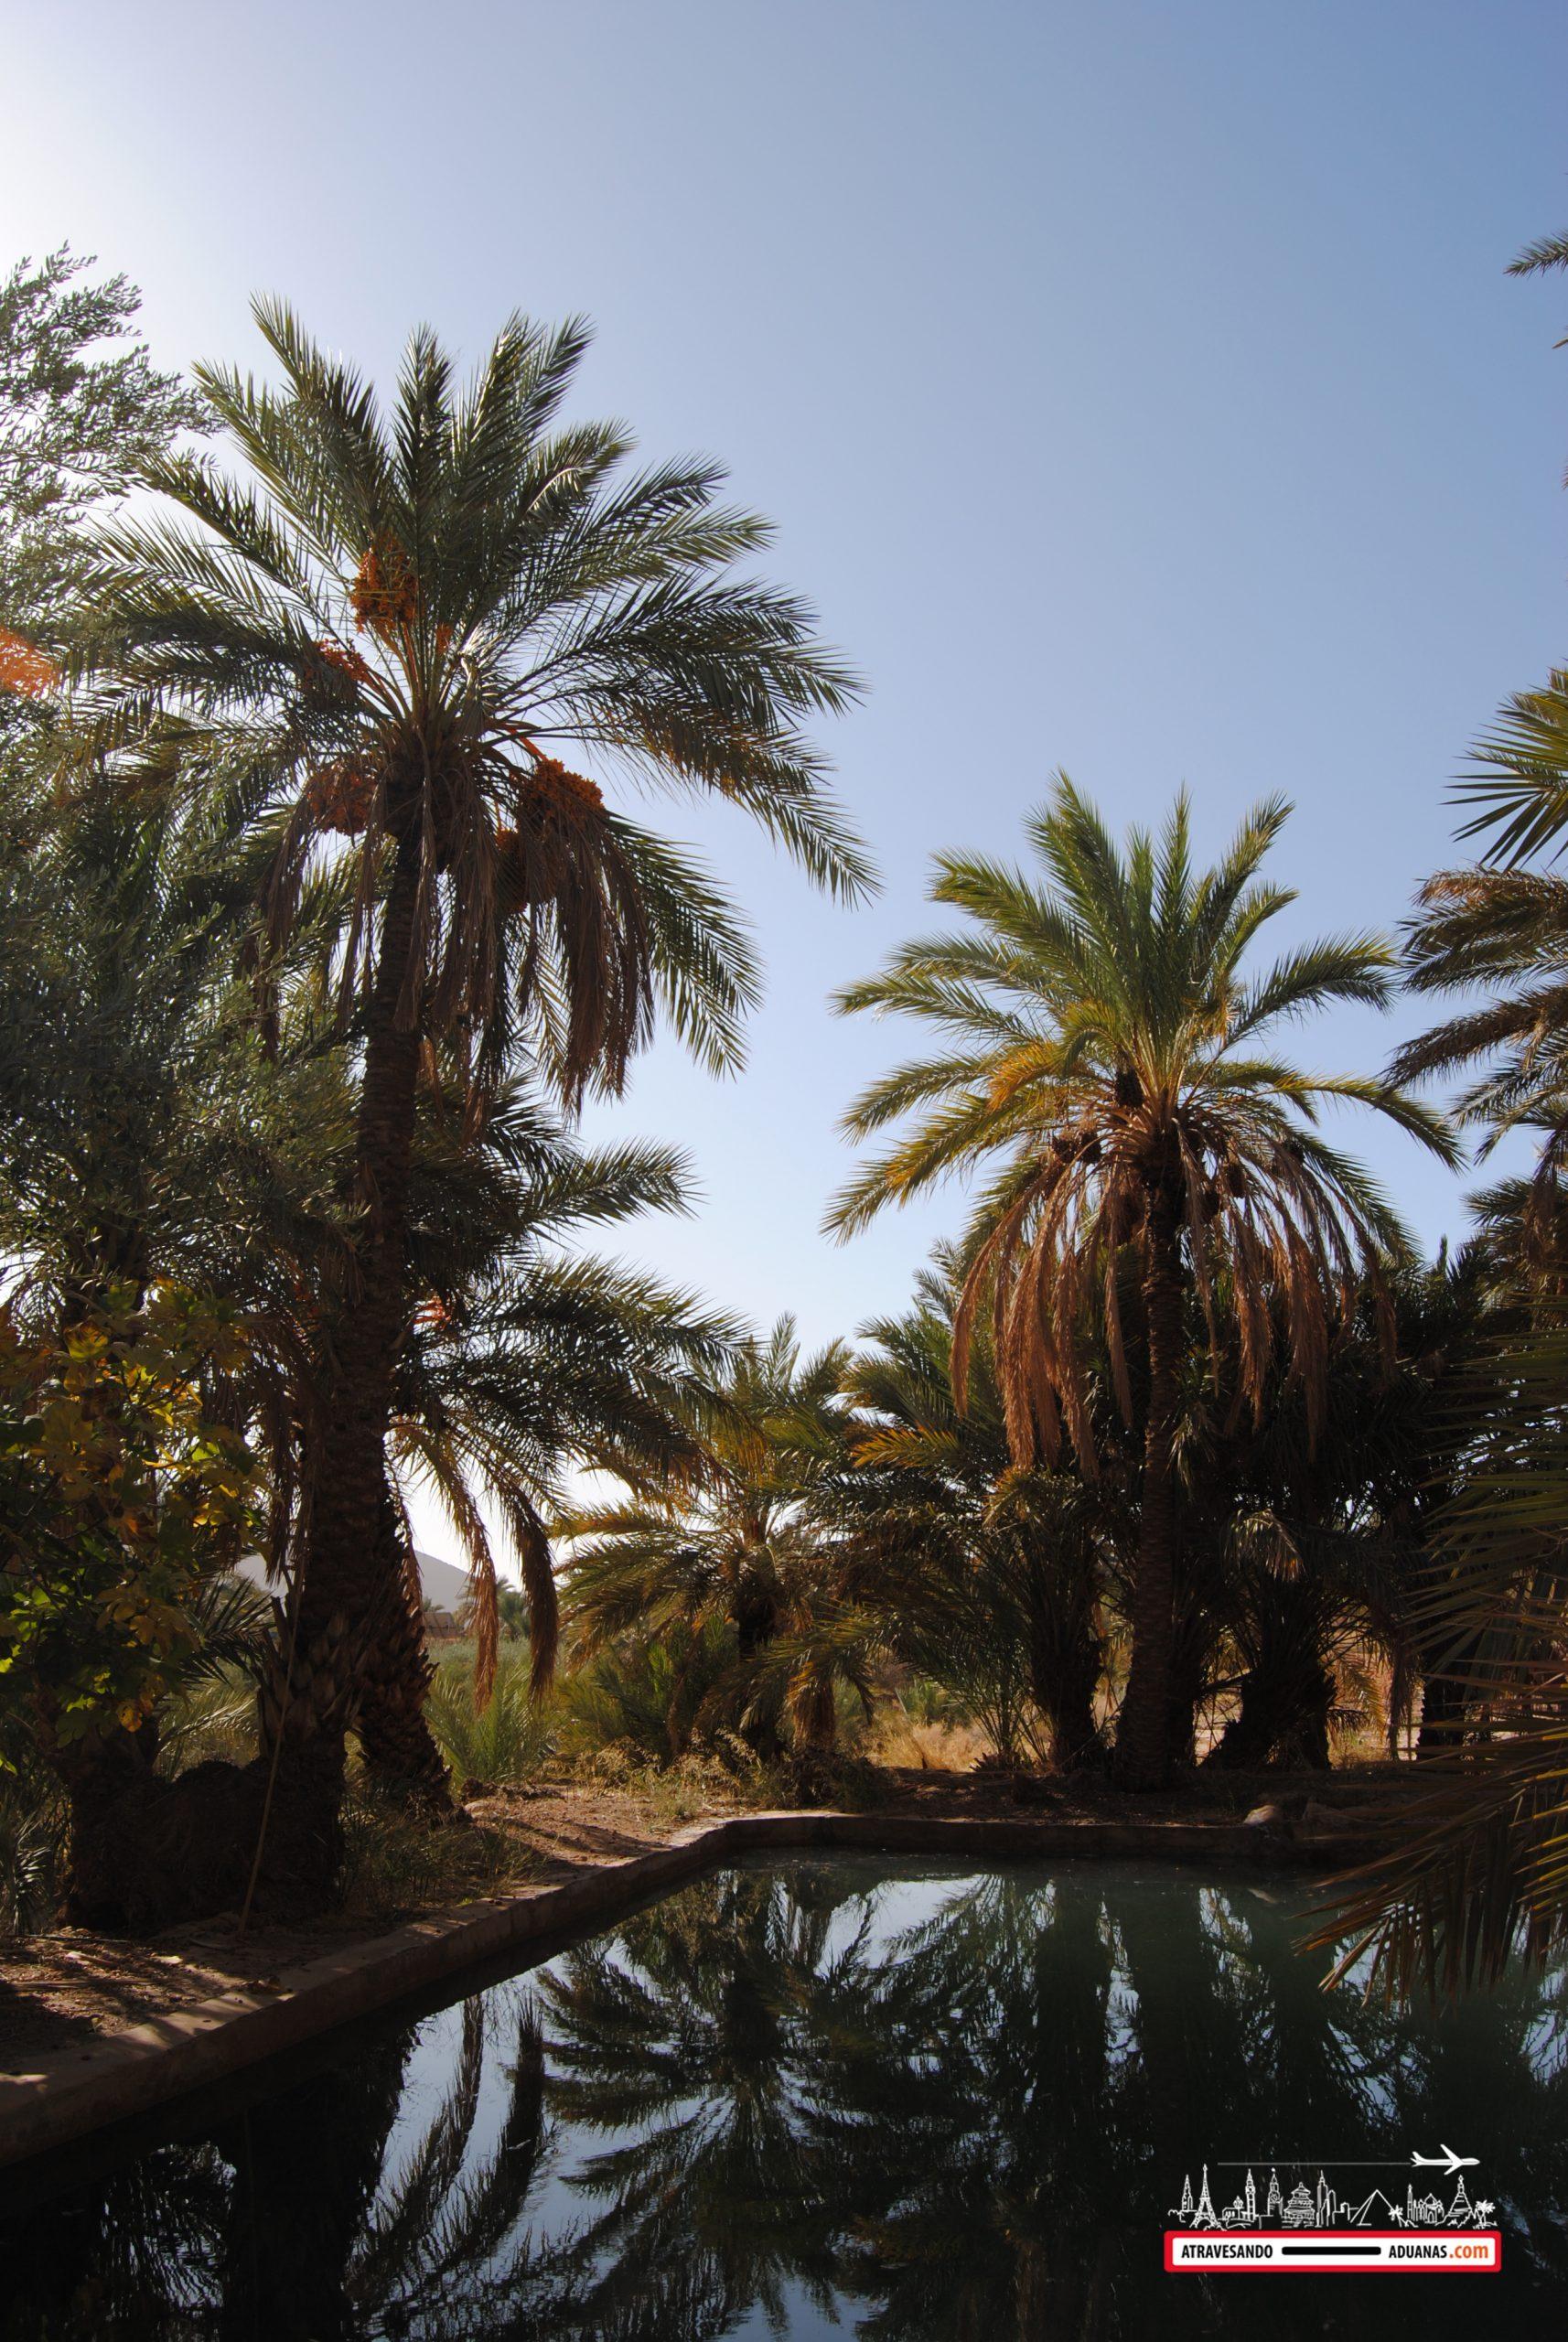 palmeral en figuig marruecos